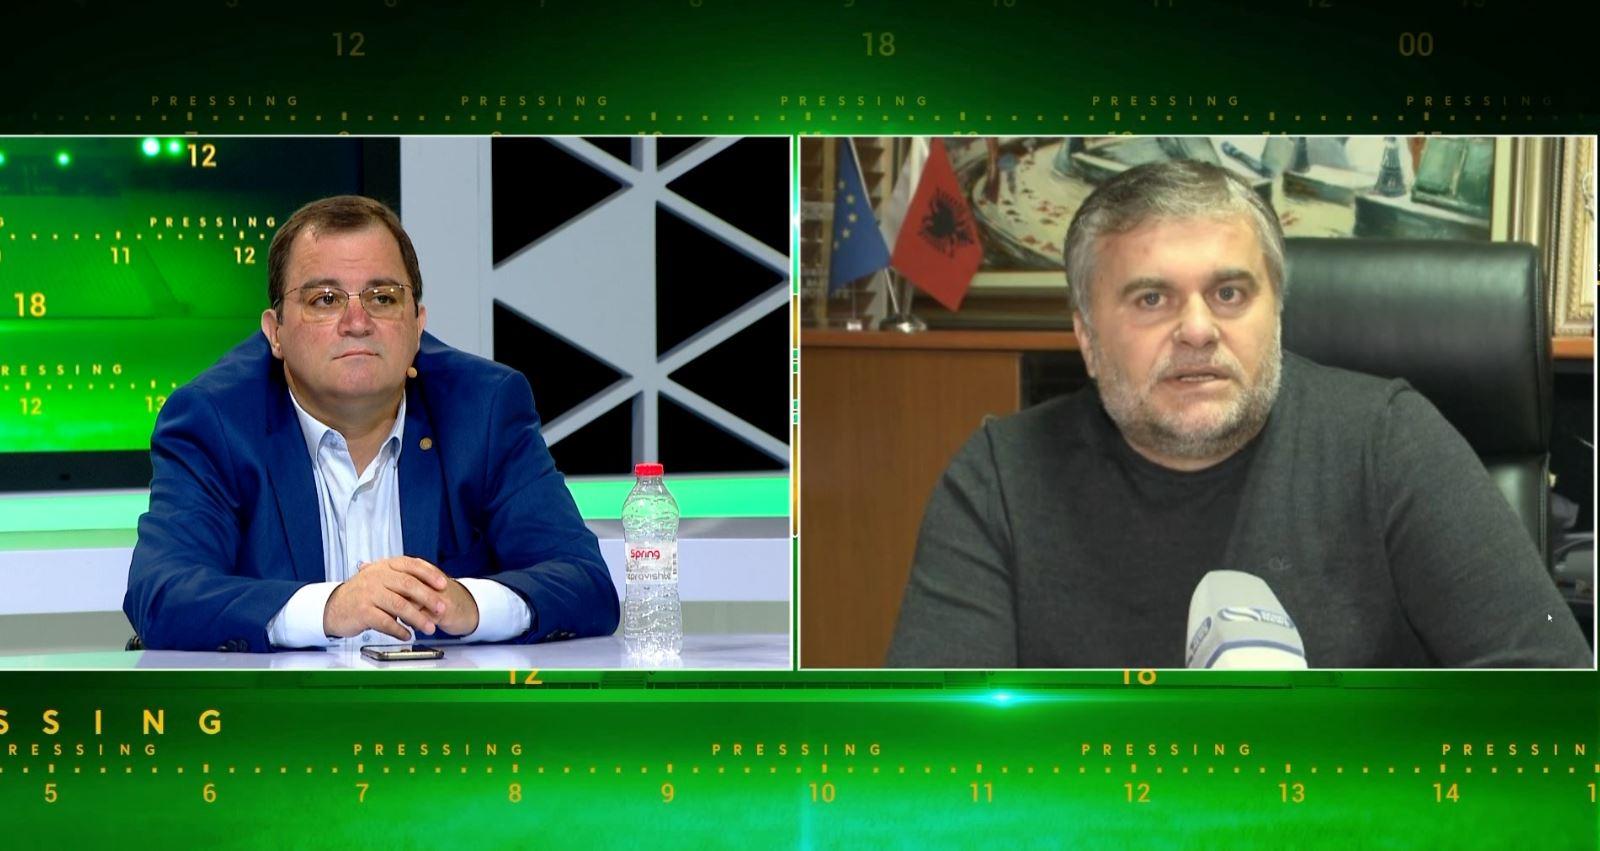 Takaj akuzon Prodanin si armik të klubit, ish-sekretari i FSHF-së: Jo e vërtetë